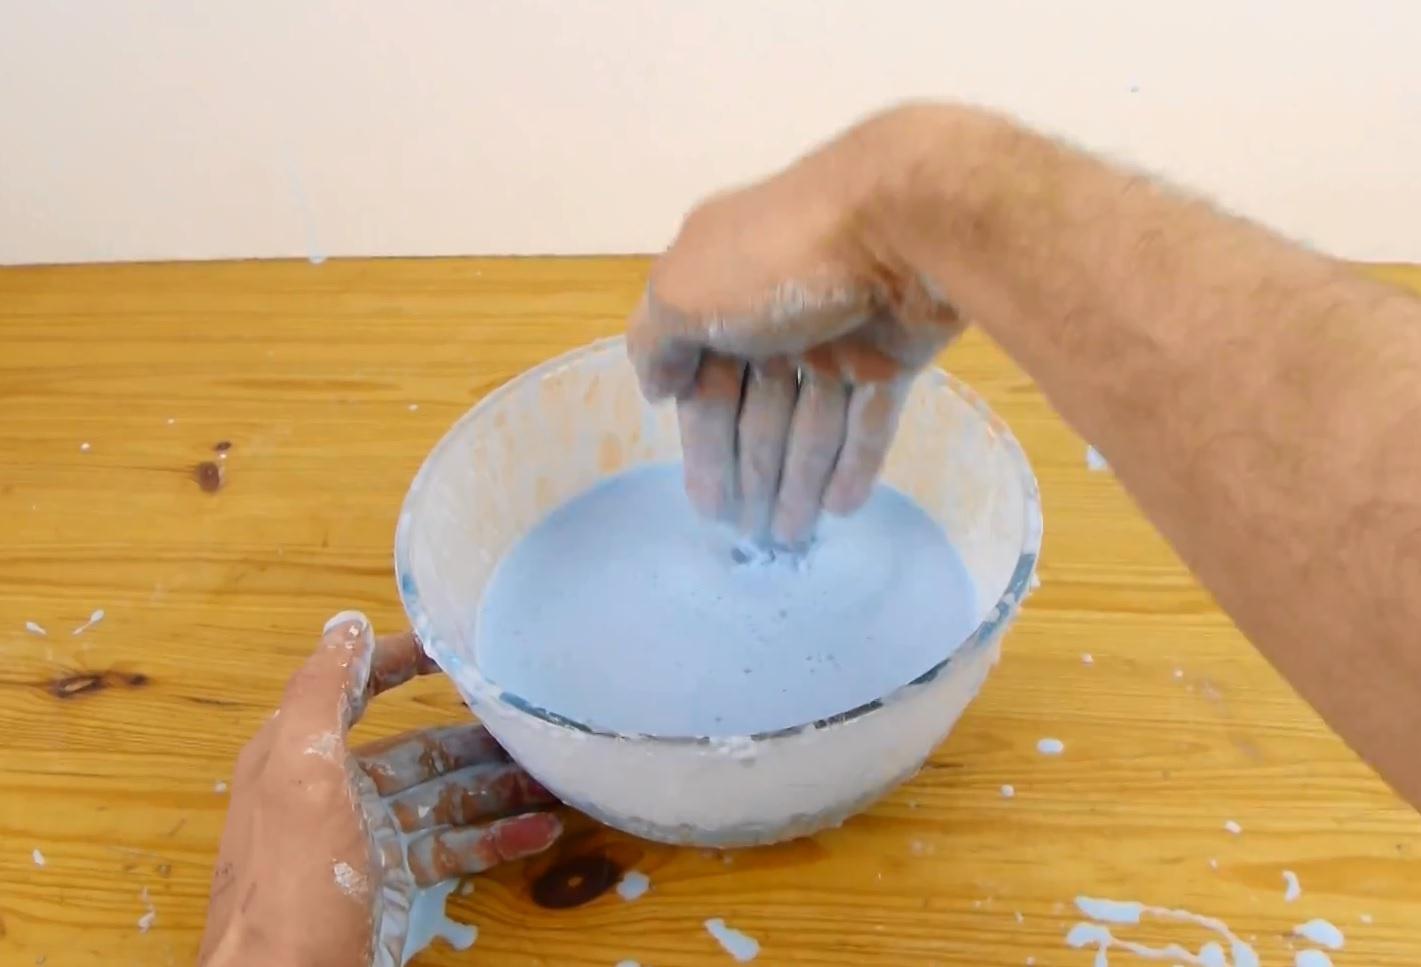 попробуйте быстрым и резким движением пальца или сложив пальцы вместе проткнуть смесь в пиале